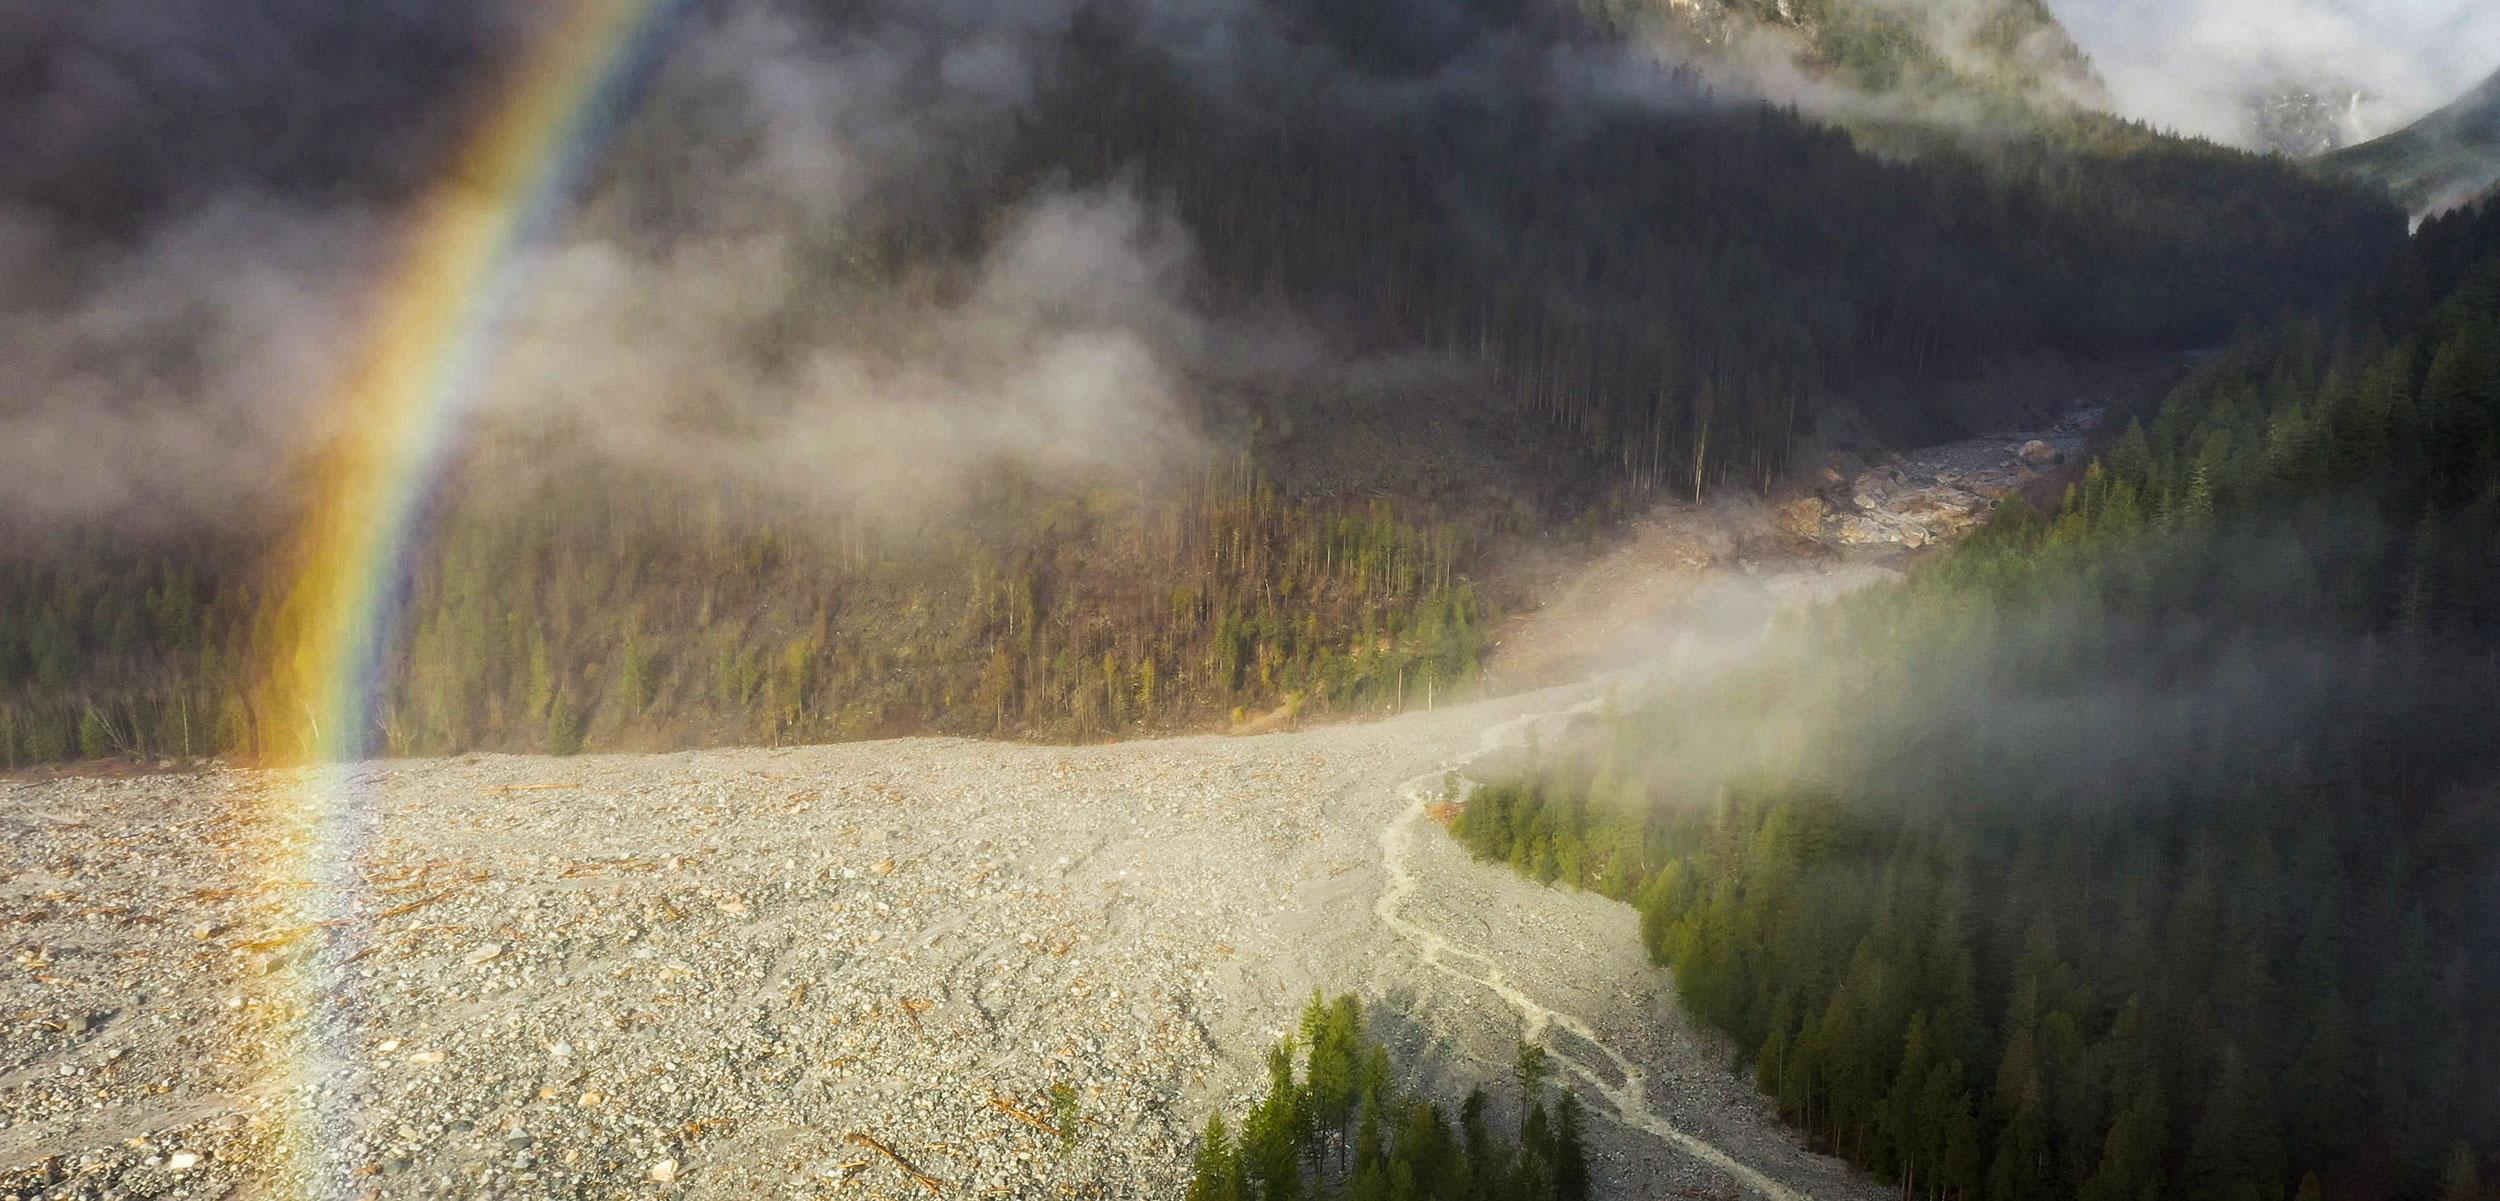 The Bute Inlet landslide